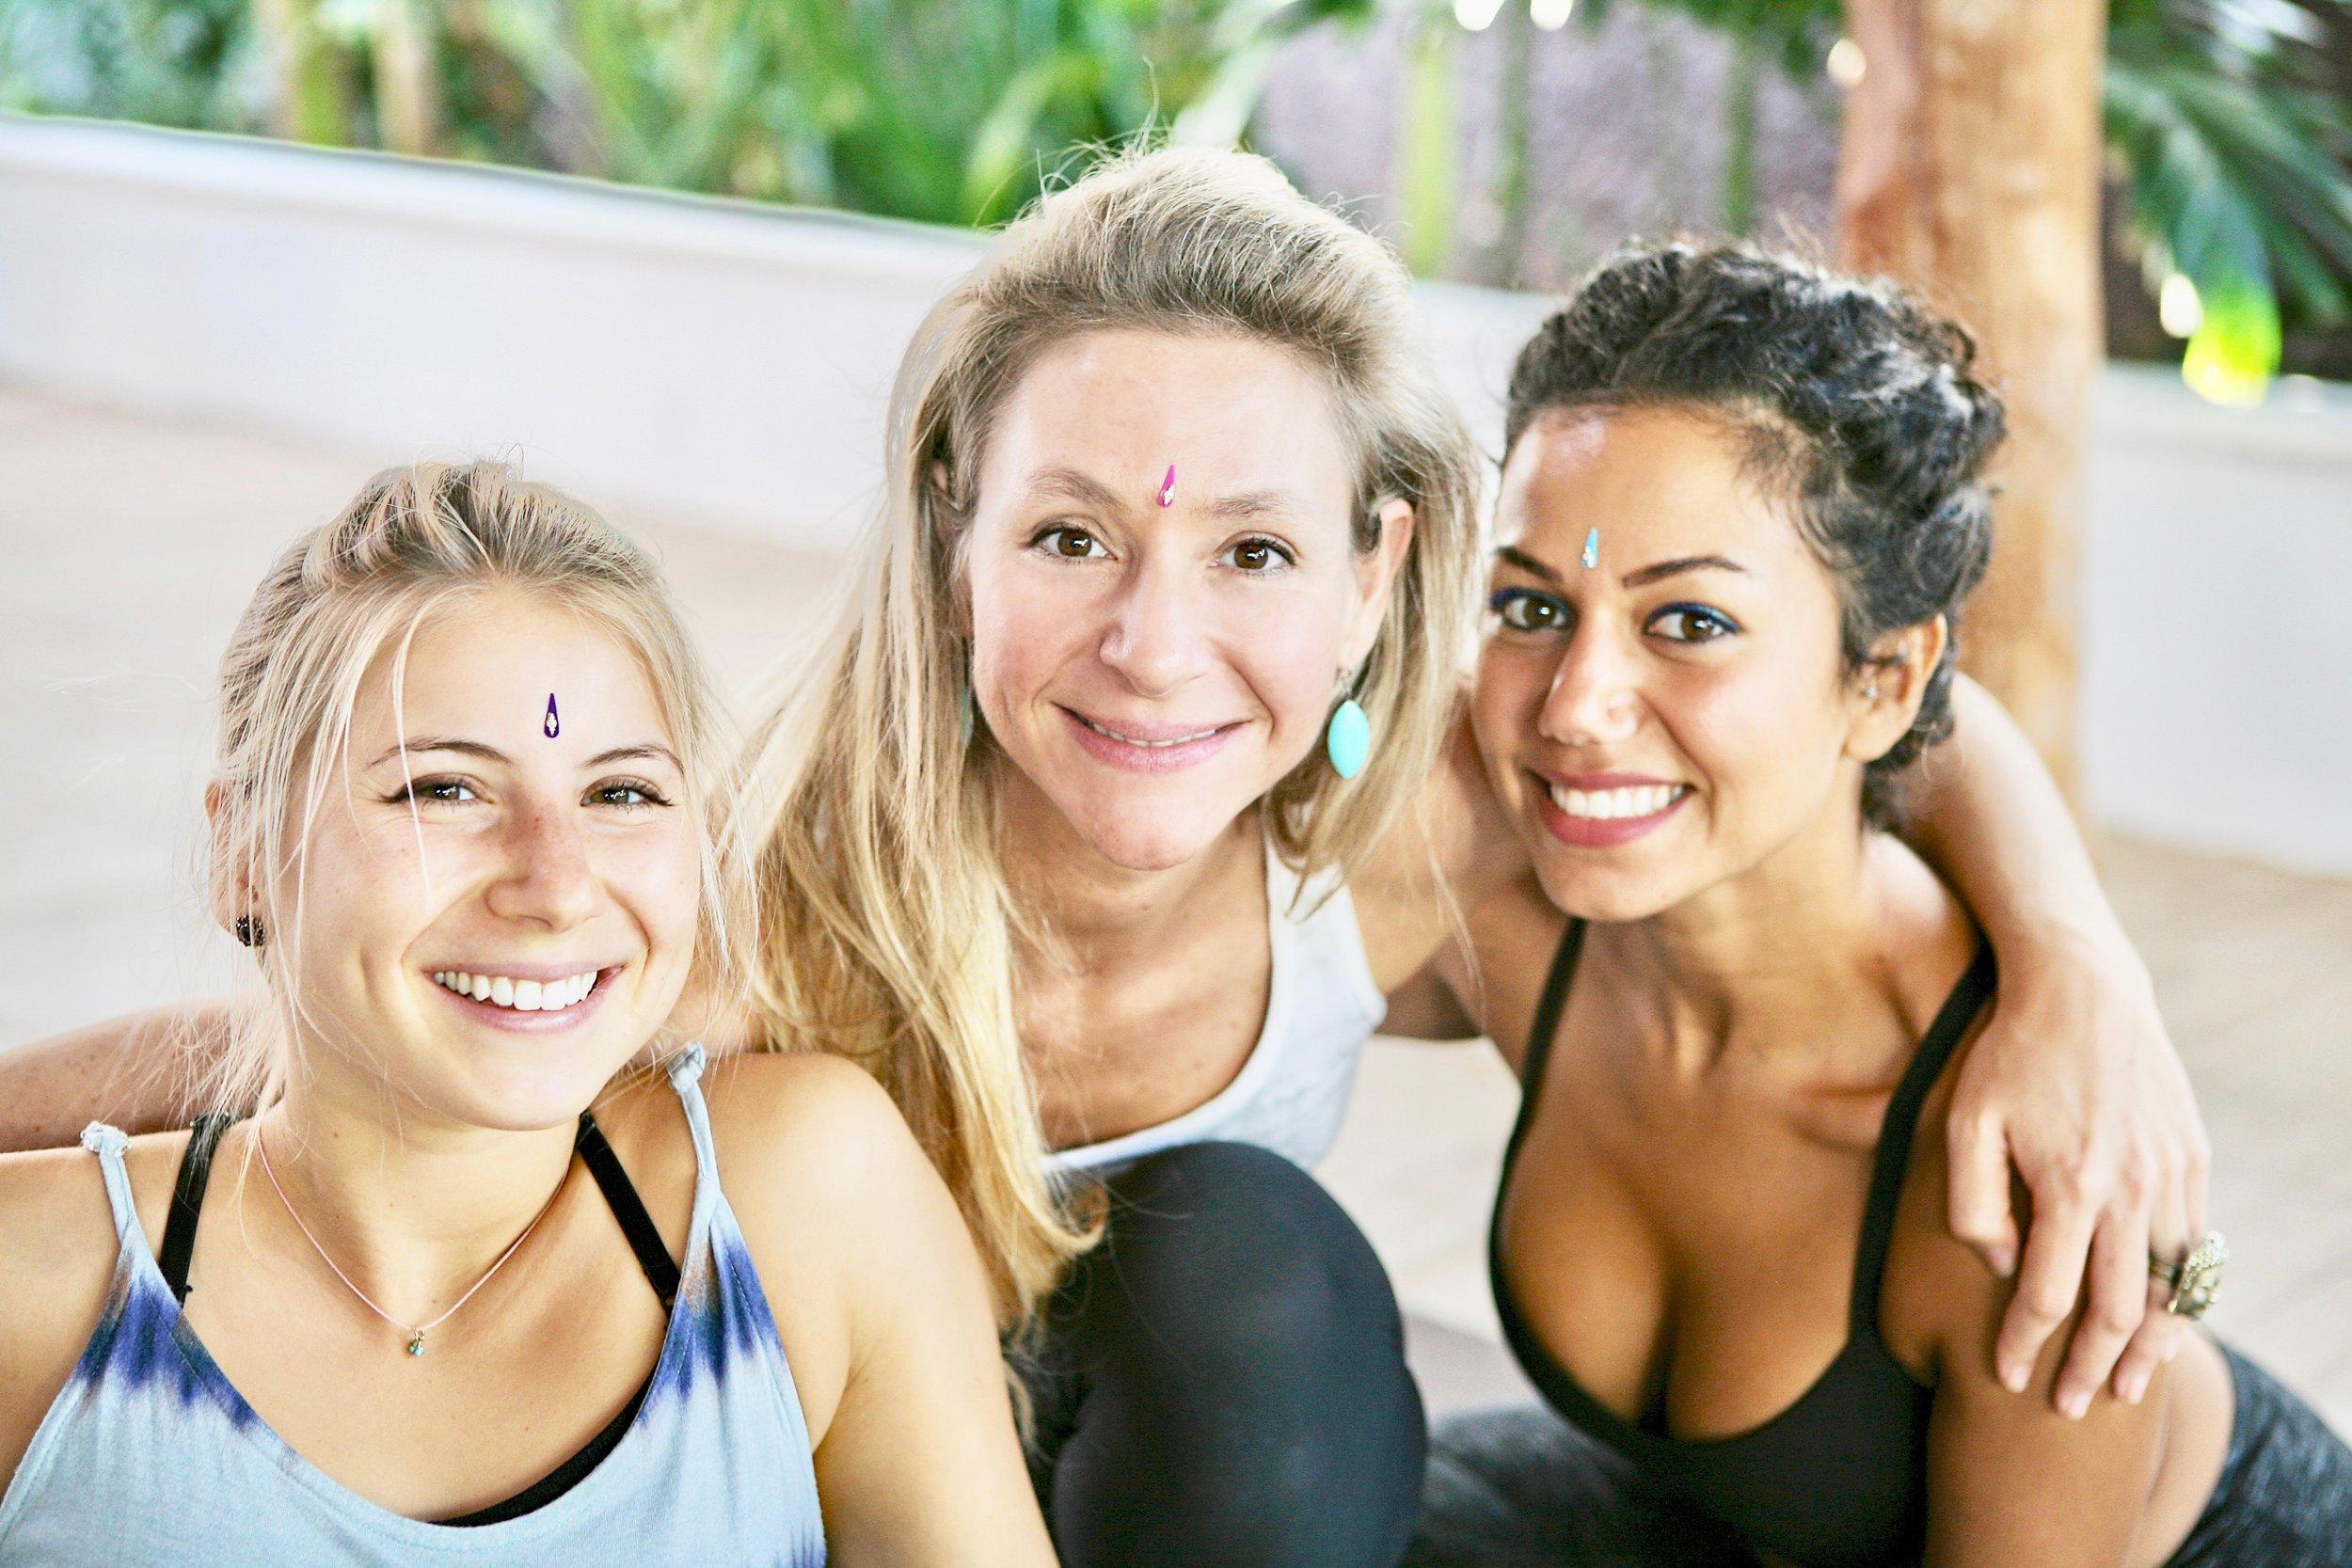 200hr YTT - Get ready for a major shift! Learn to teach, and teach to learn the art of Yoga.